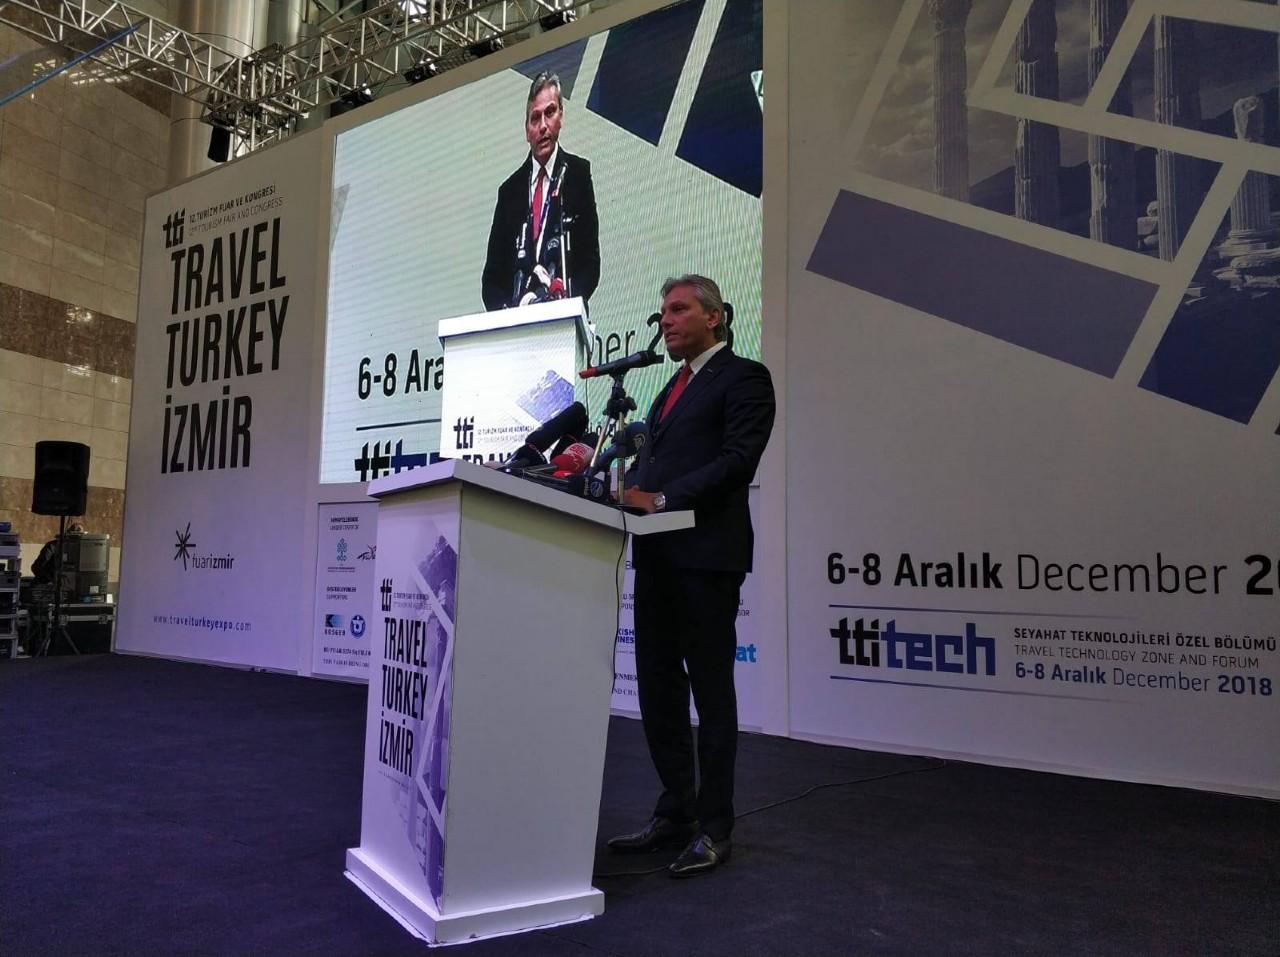 12. Travel Turkey İzmir Turizm Fuarı ve Kongresi başladı!